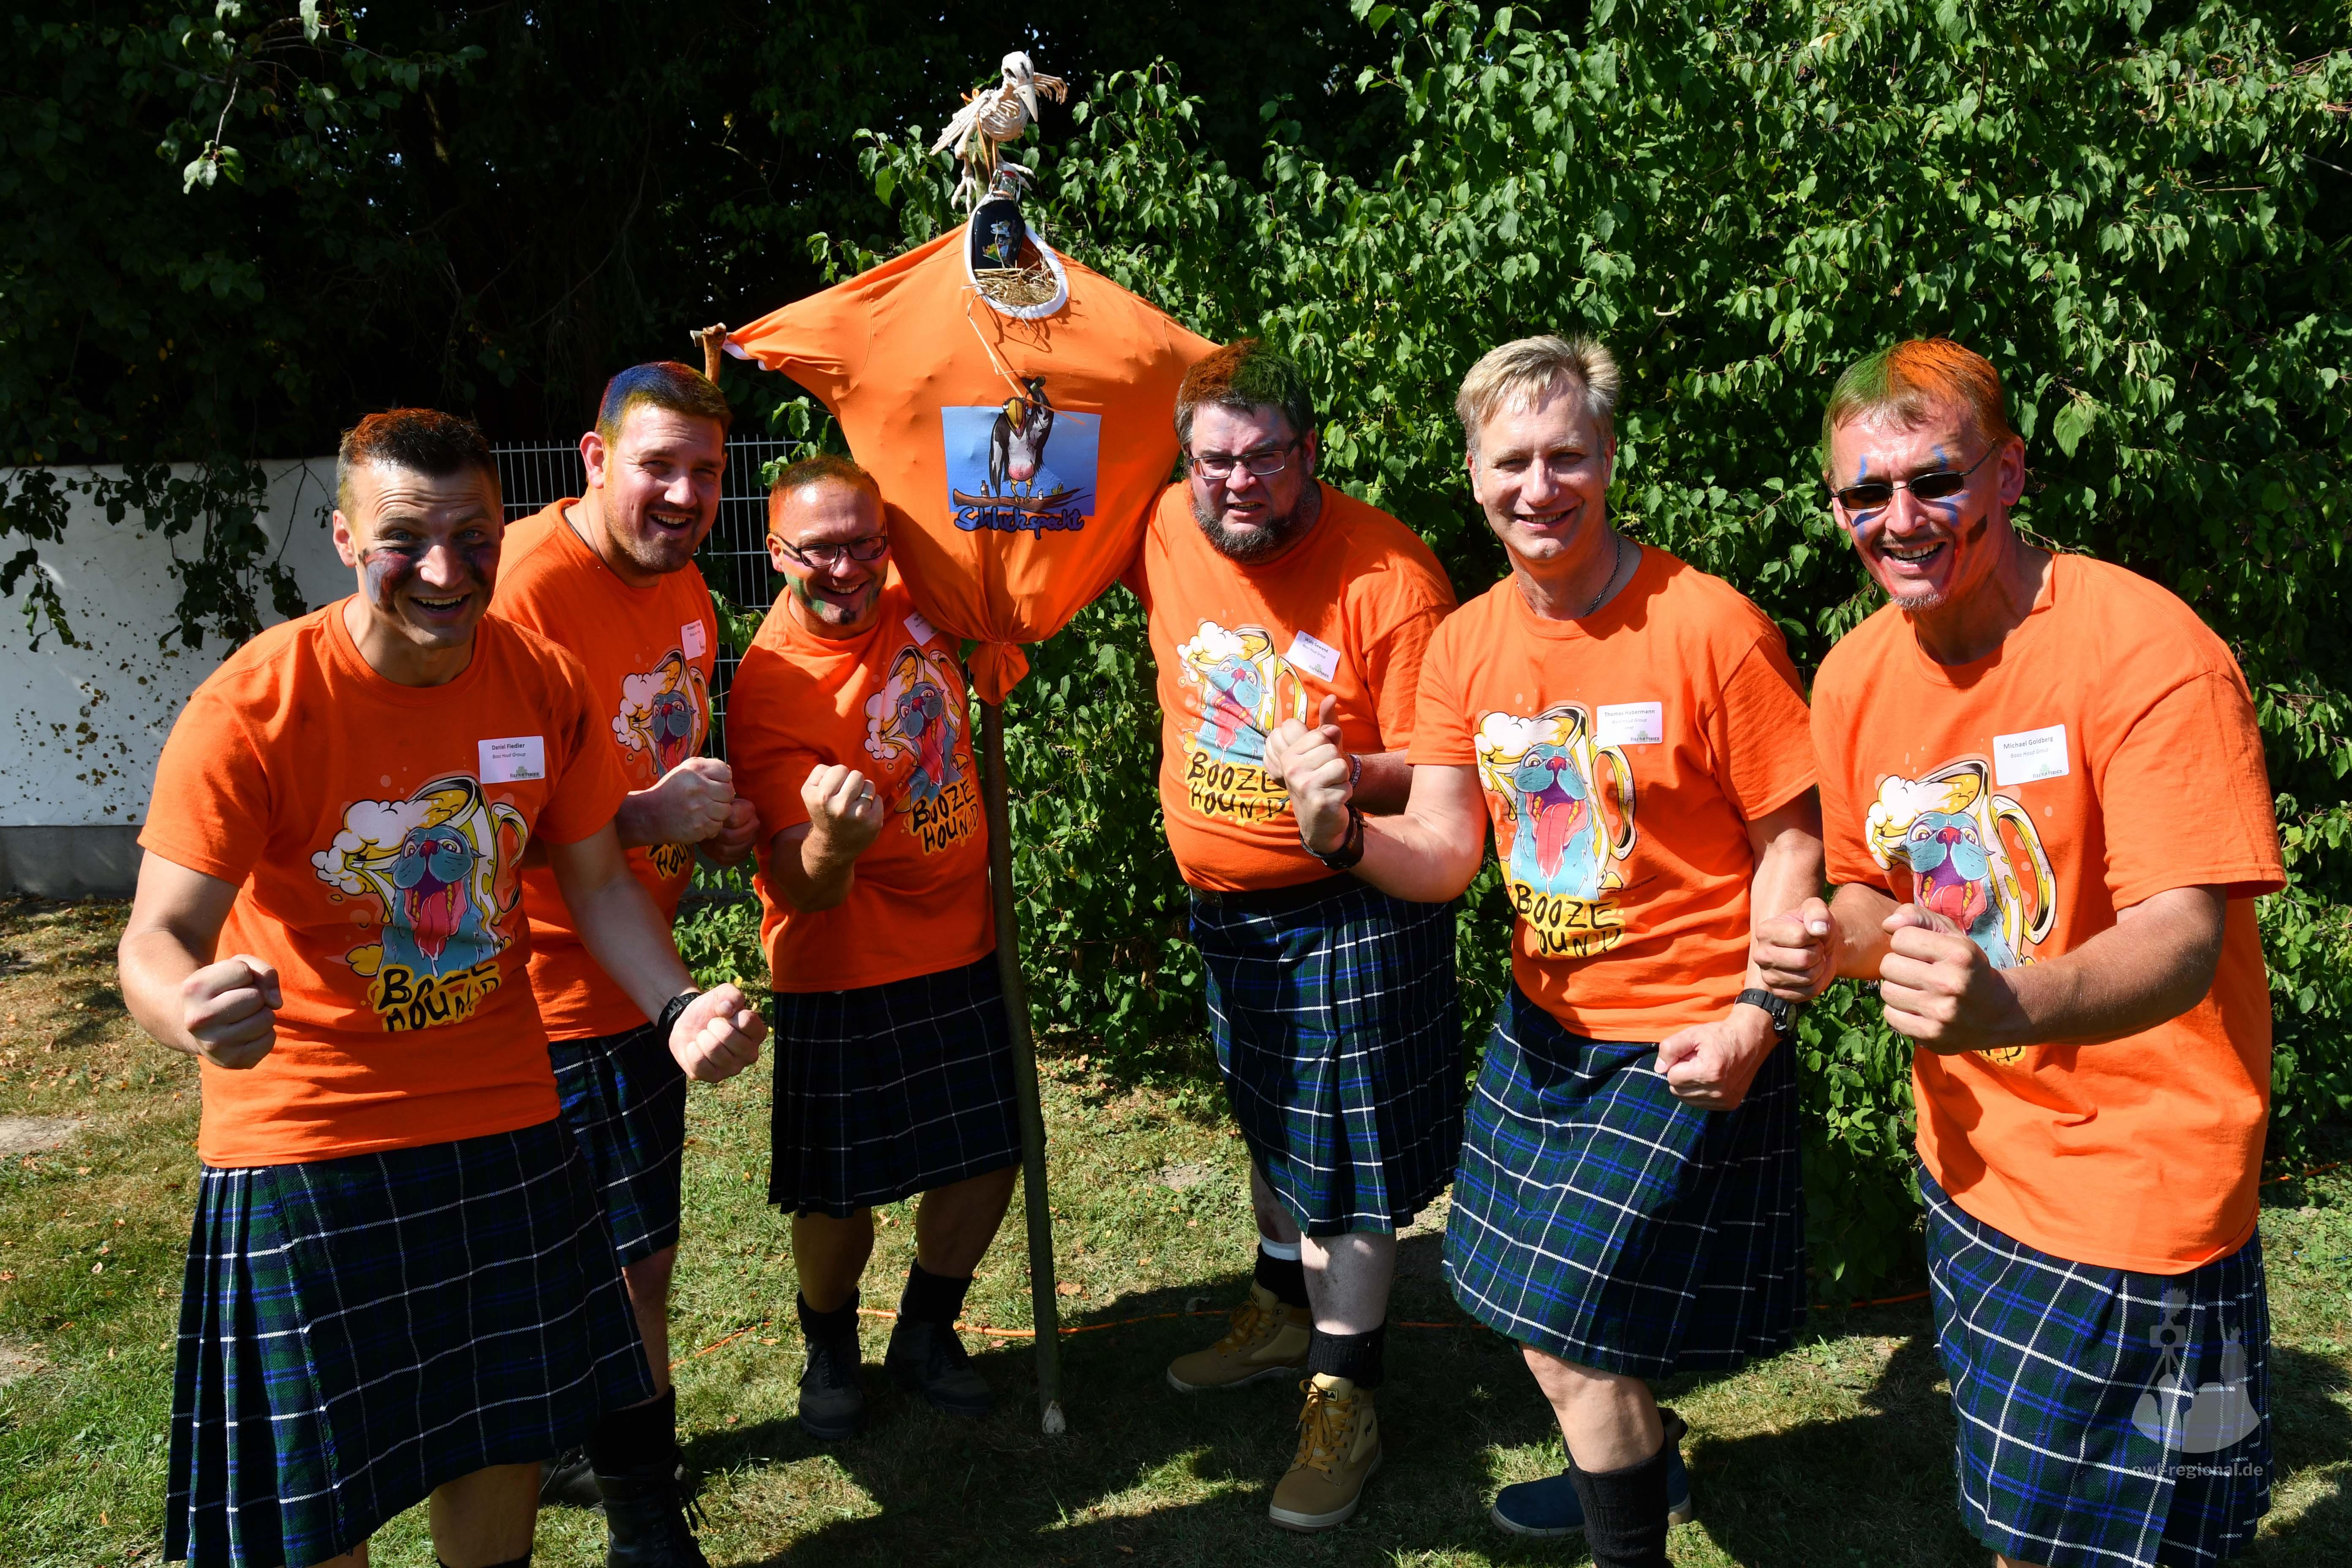 Clan-Foto Booze Hound Group